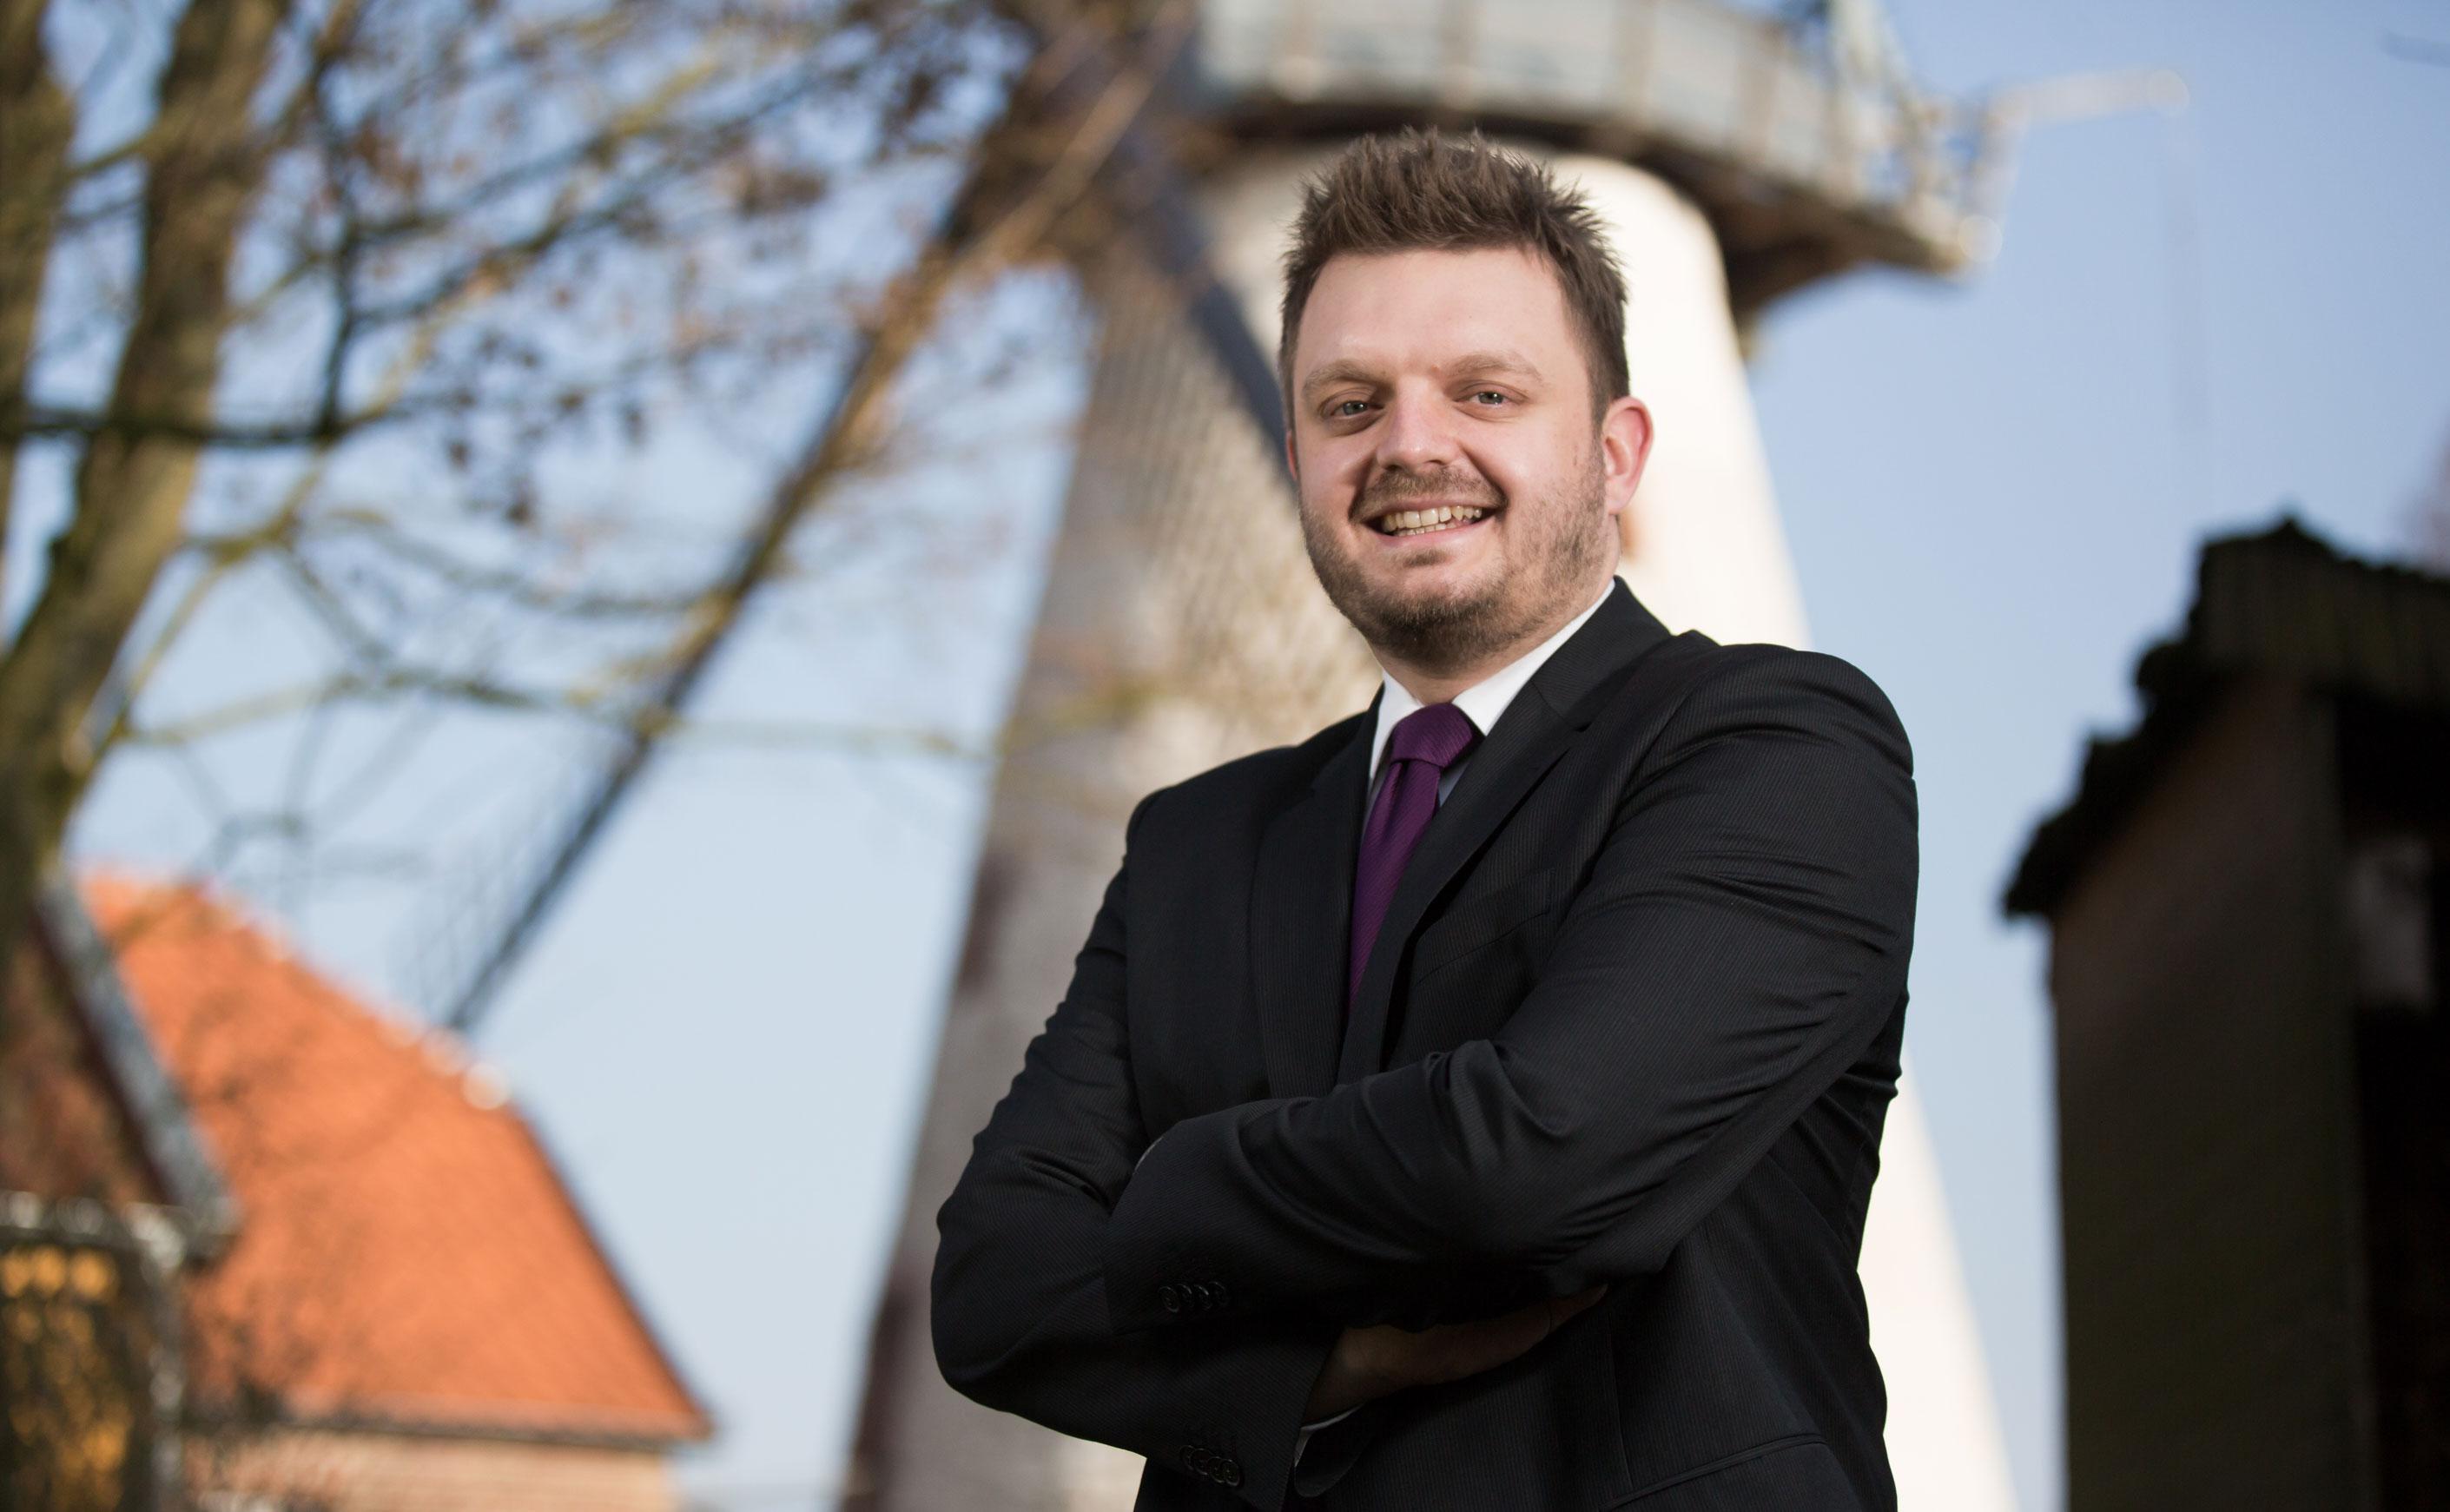 """Fraktionsvorsitzender Michael Schönbeck: """"Der Erhalt der derzeitigen Struktur ist das Beste für den Kreis Herford und die Initiative Wirtschaftsstandort Kreis Herford e.V. (IWKH)"""""""